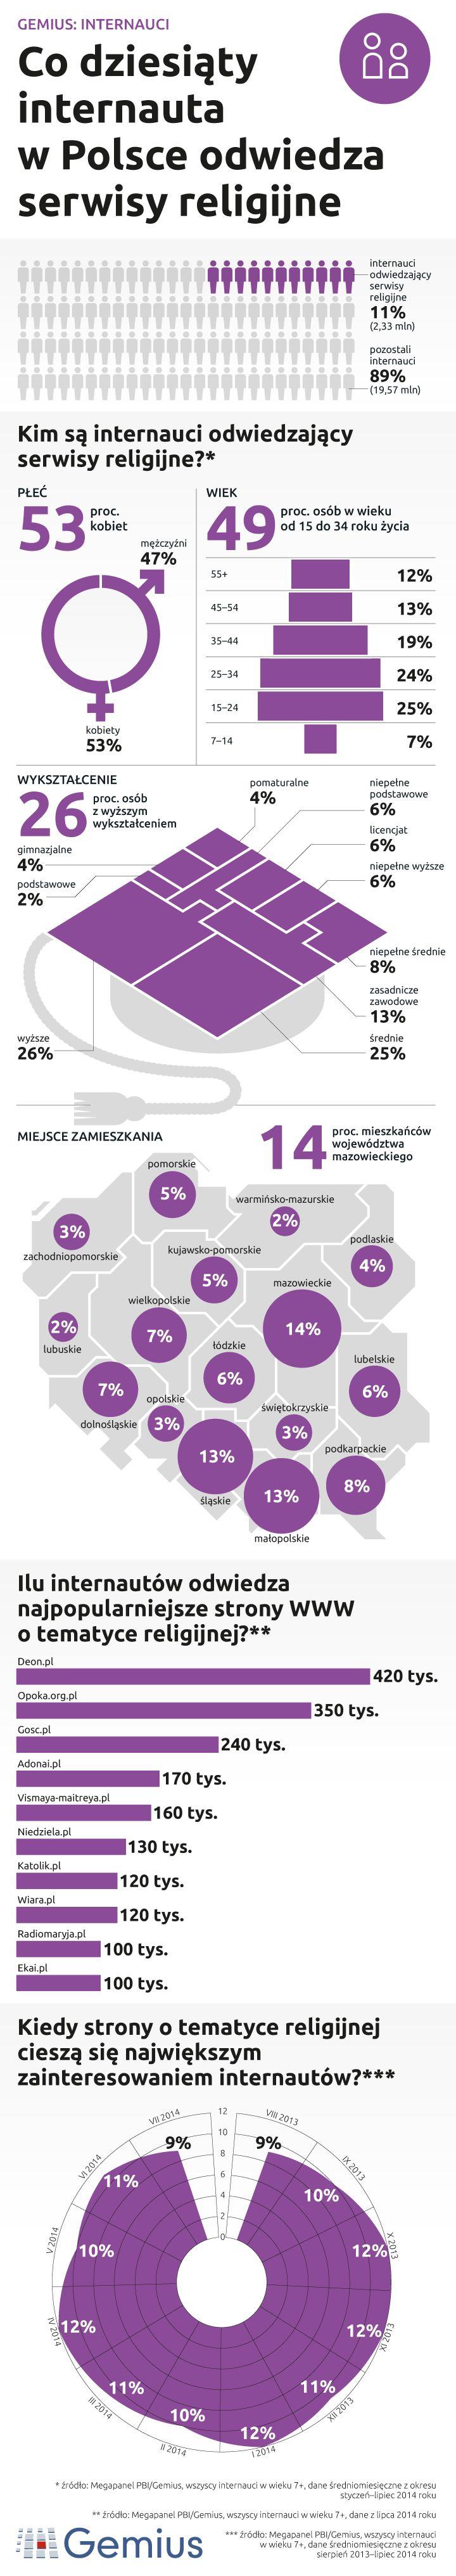 Serwisy religijne w Polsce